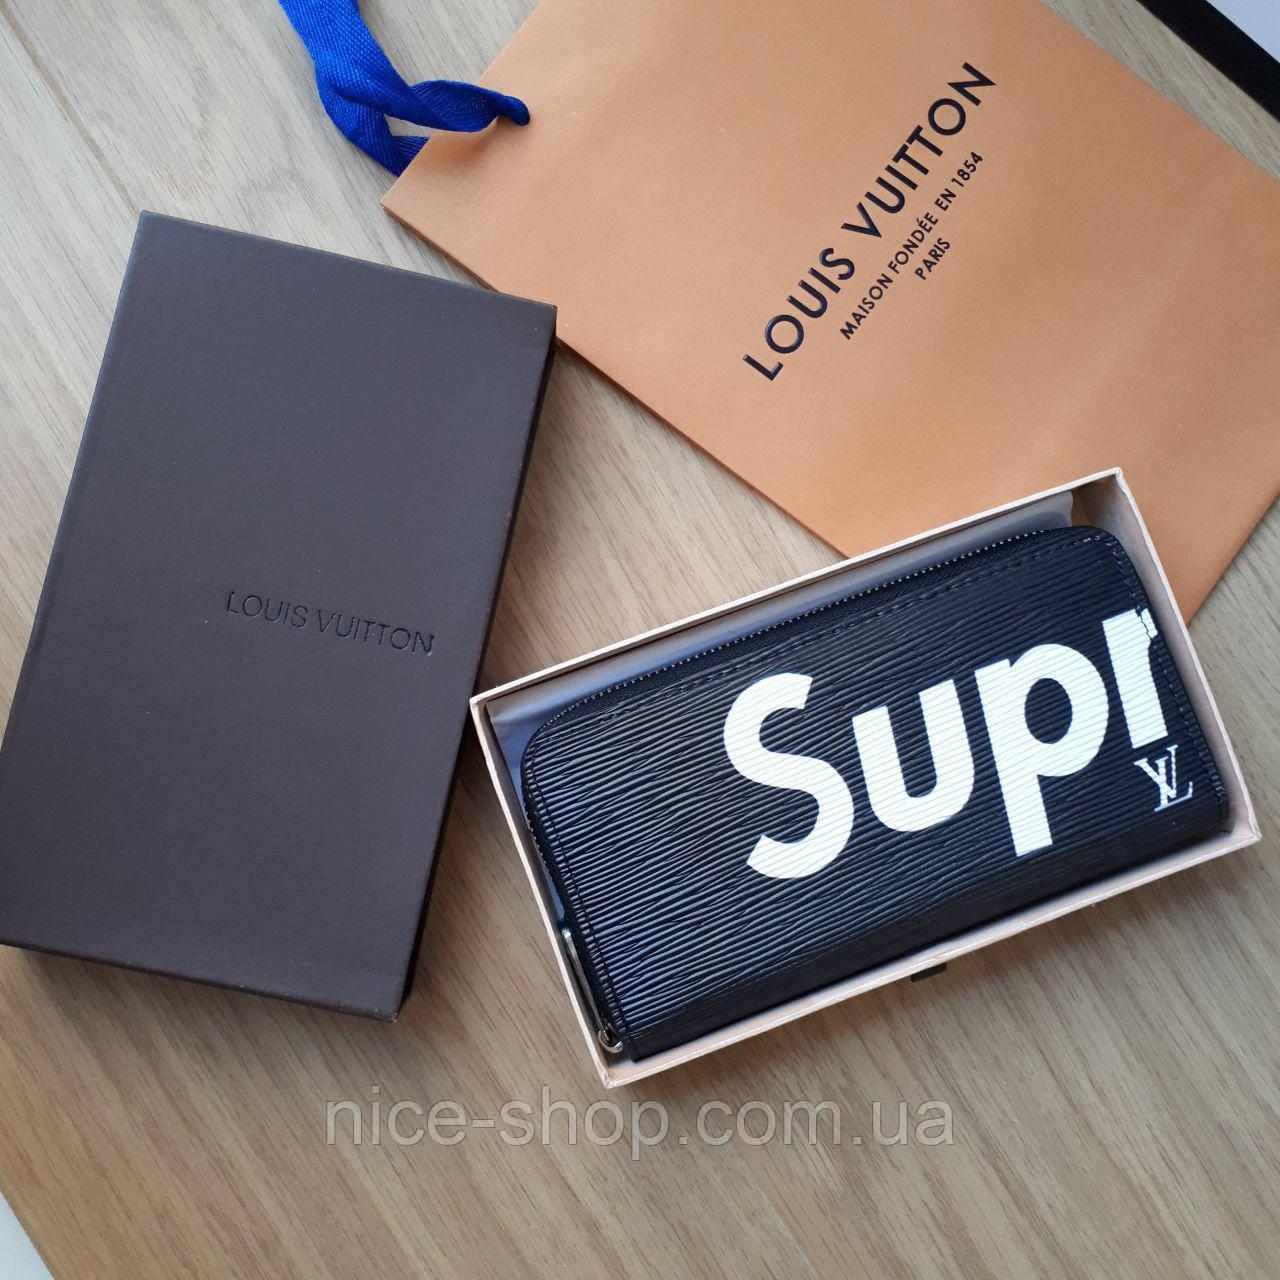 Кошелек Louis Vuitton Supreme черный в коробке